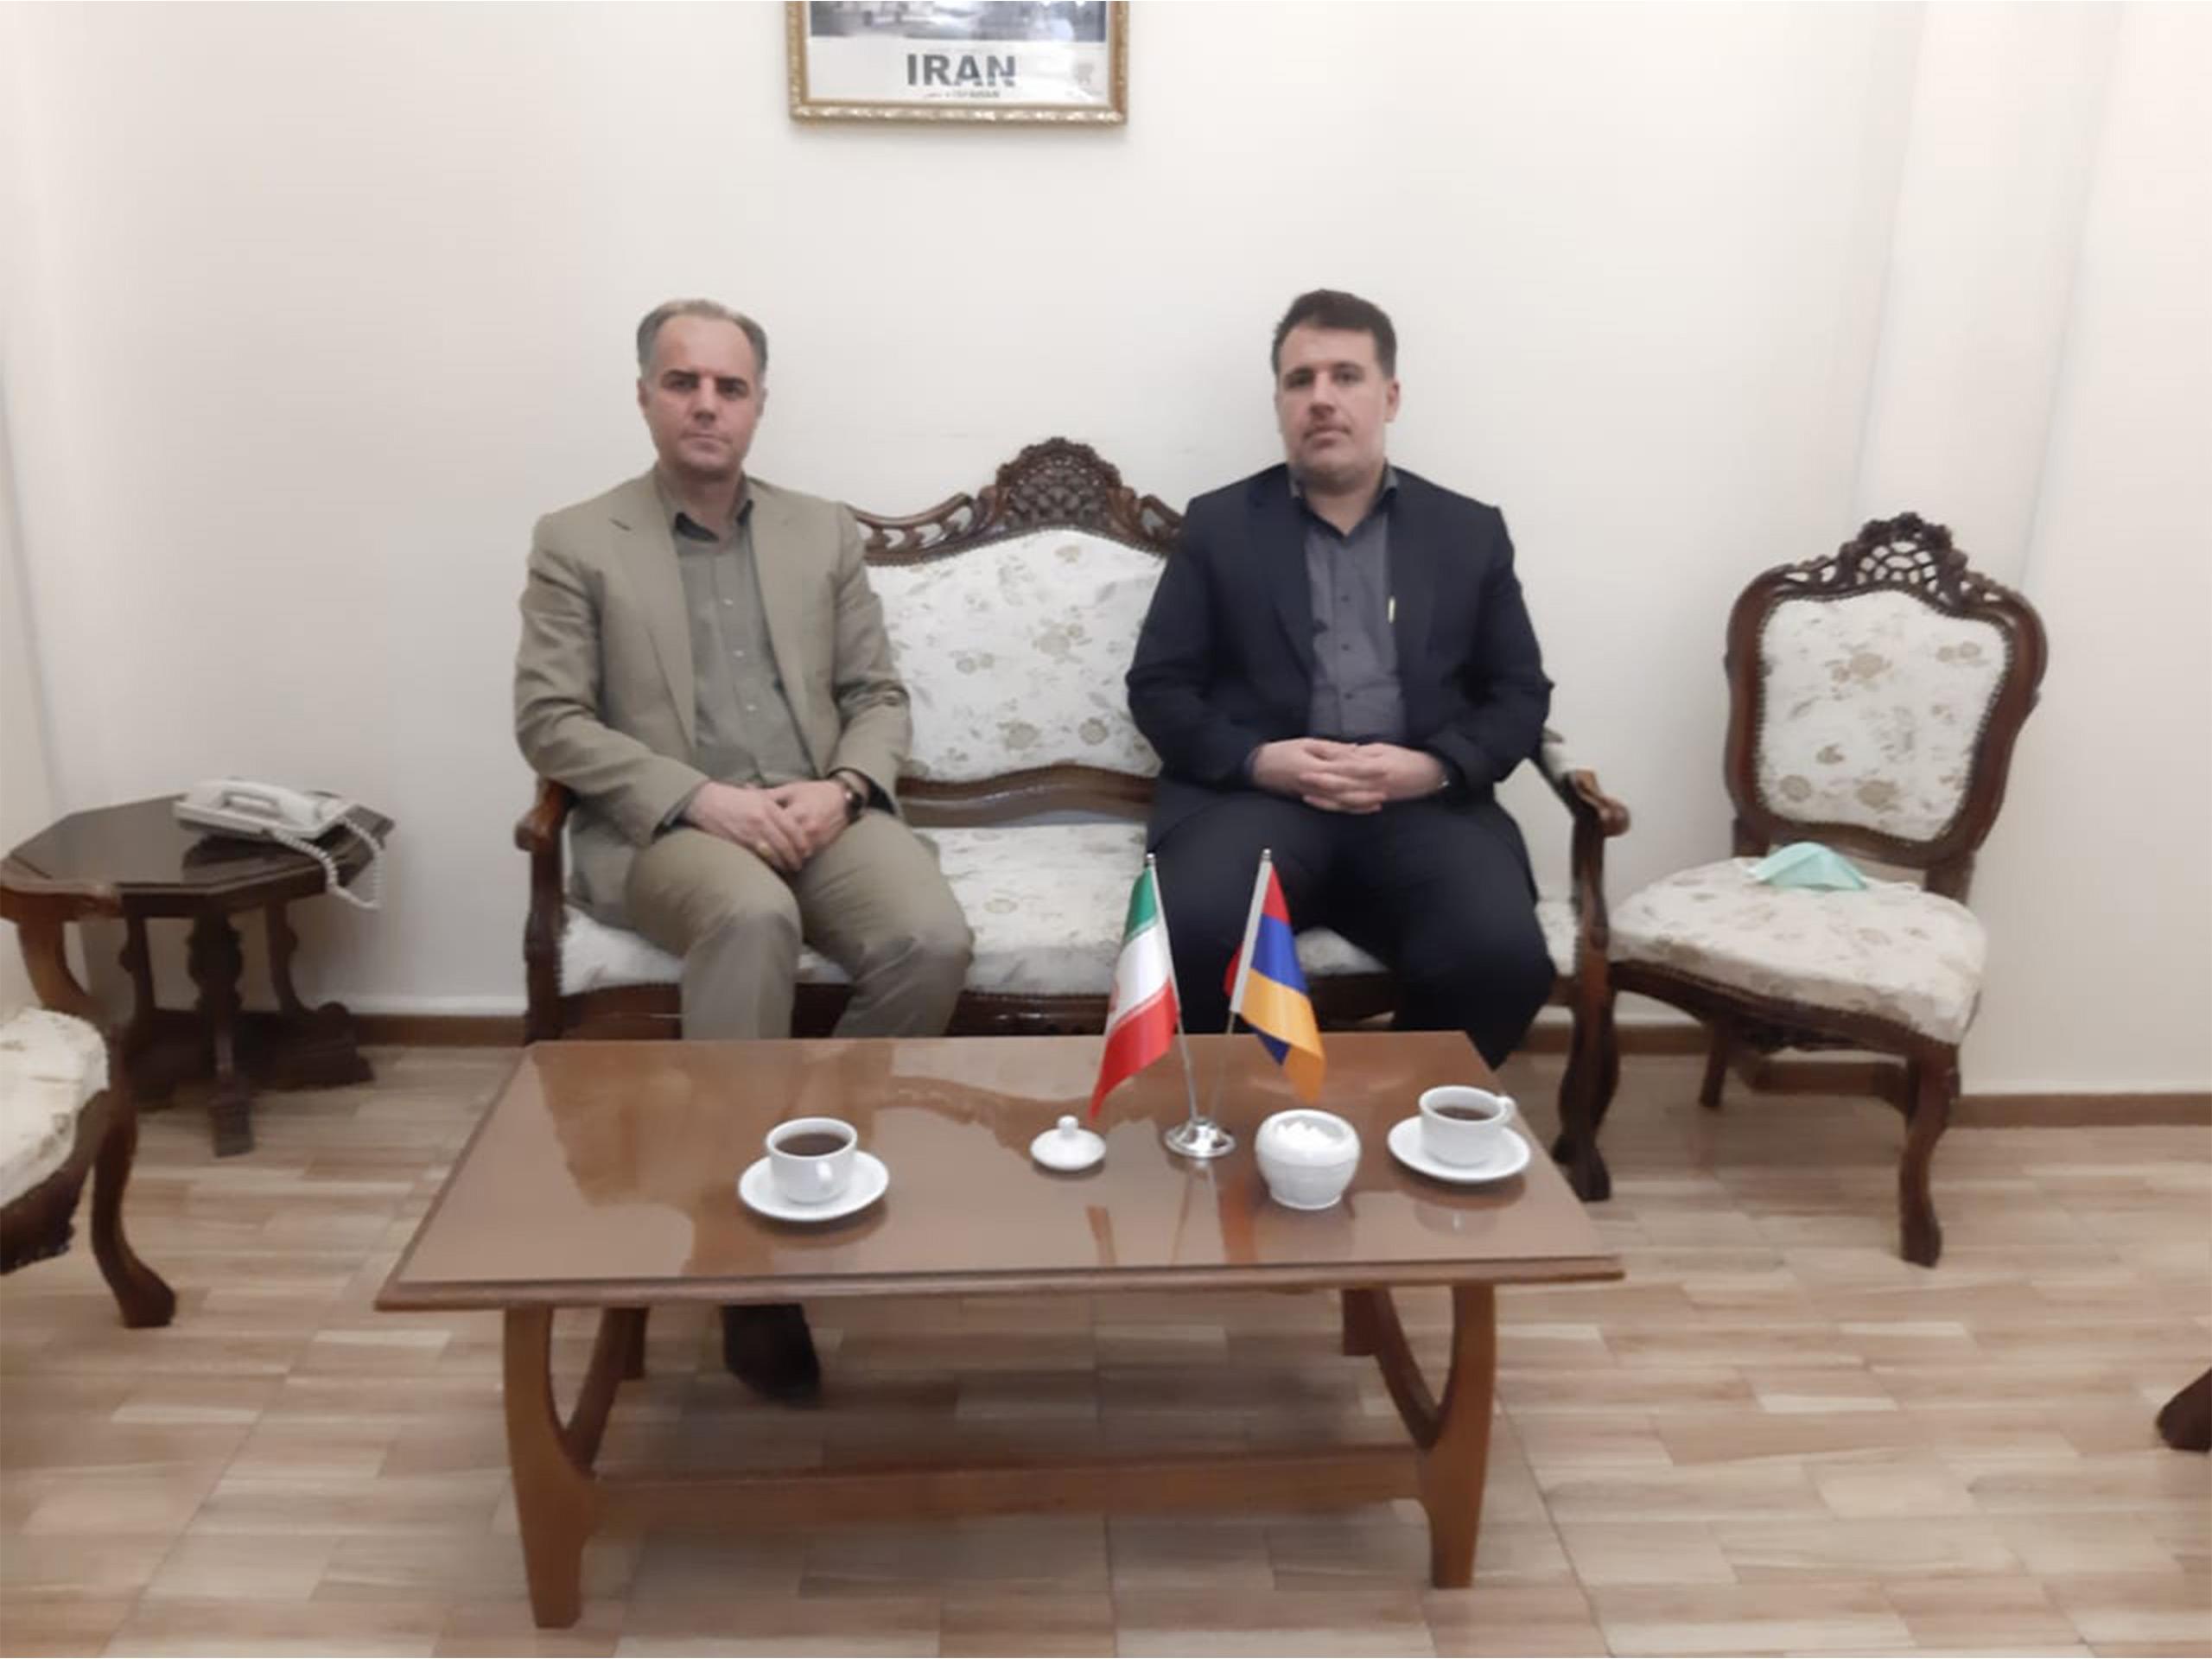 نشست مدیر عامل زینو تجارت با مهندس گداری رایزن اقتصادی ایران در محل سفارت ایران در ارمنستان1400/06/03